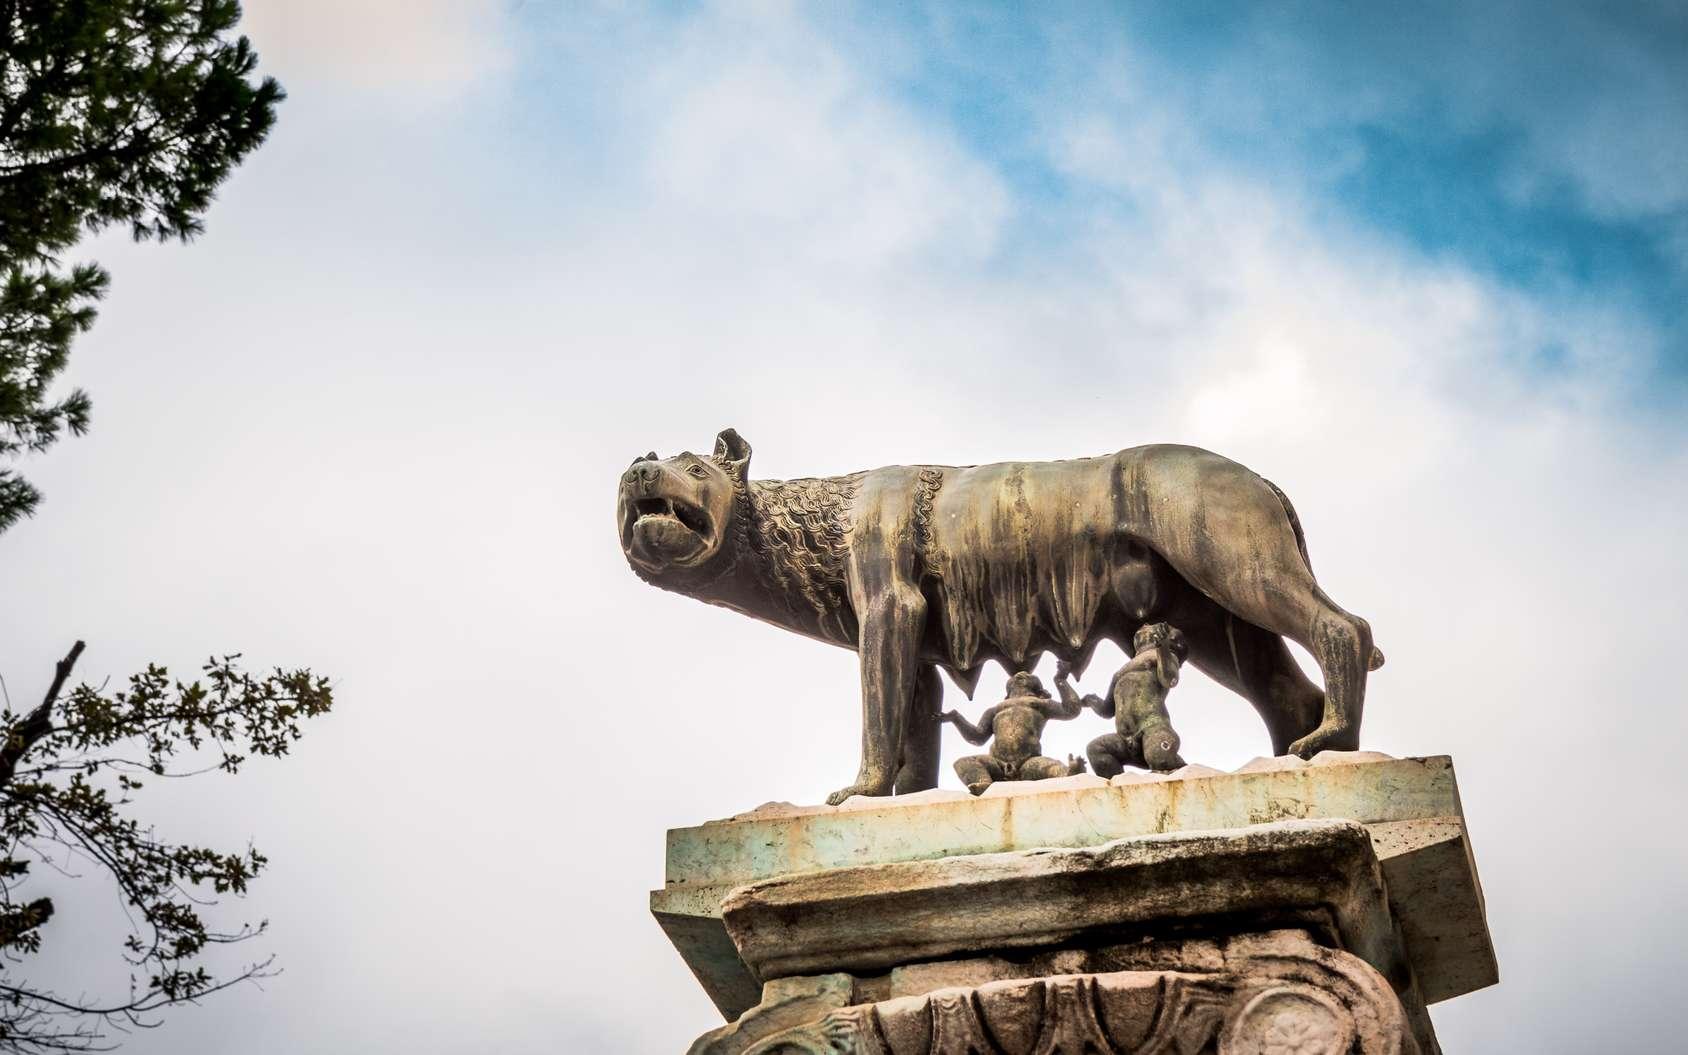 Statue de la louve nourrissant Romulus et Rémus, personnages clés de la fondation de Rome, selon la légende. © MangAllyPop@ER, Fotolia